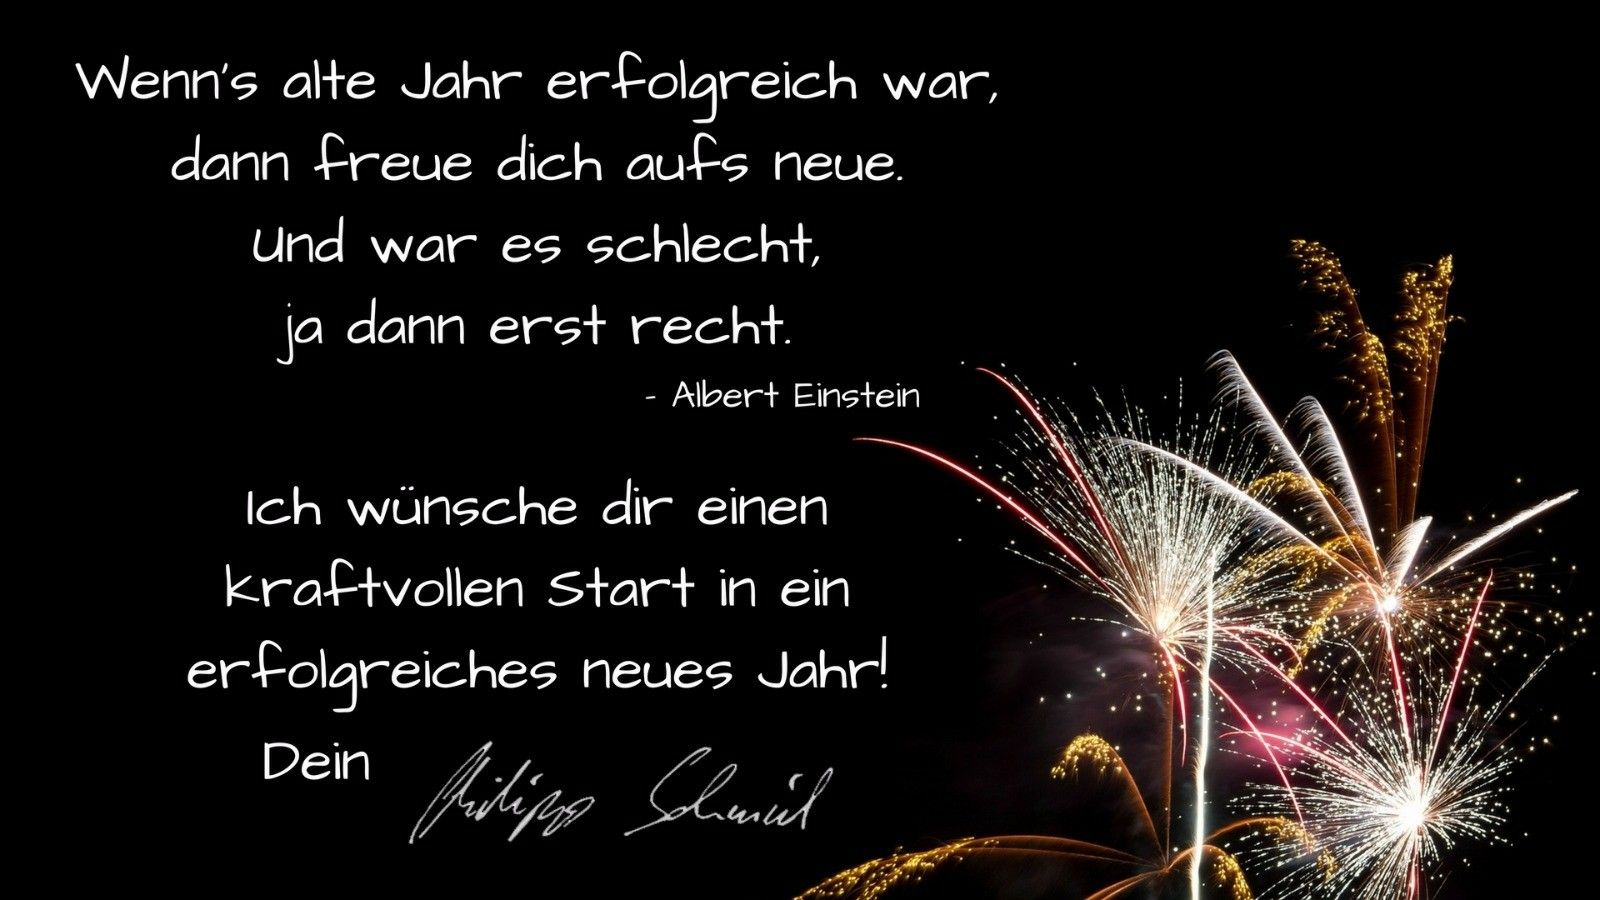 Viel Gluck Kraft Gesundheit Und Erfolg Im Neuen Jahr Spruche Wahreworte Zitate Motivation Inspiration Wahre Worte Schone Worte Weisheiten